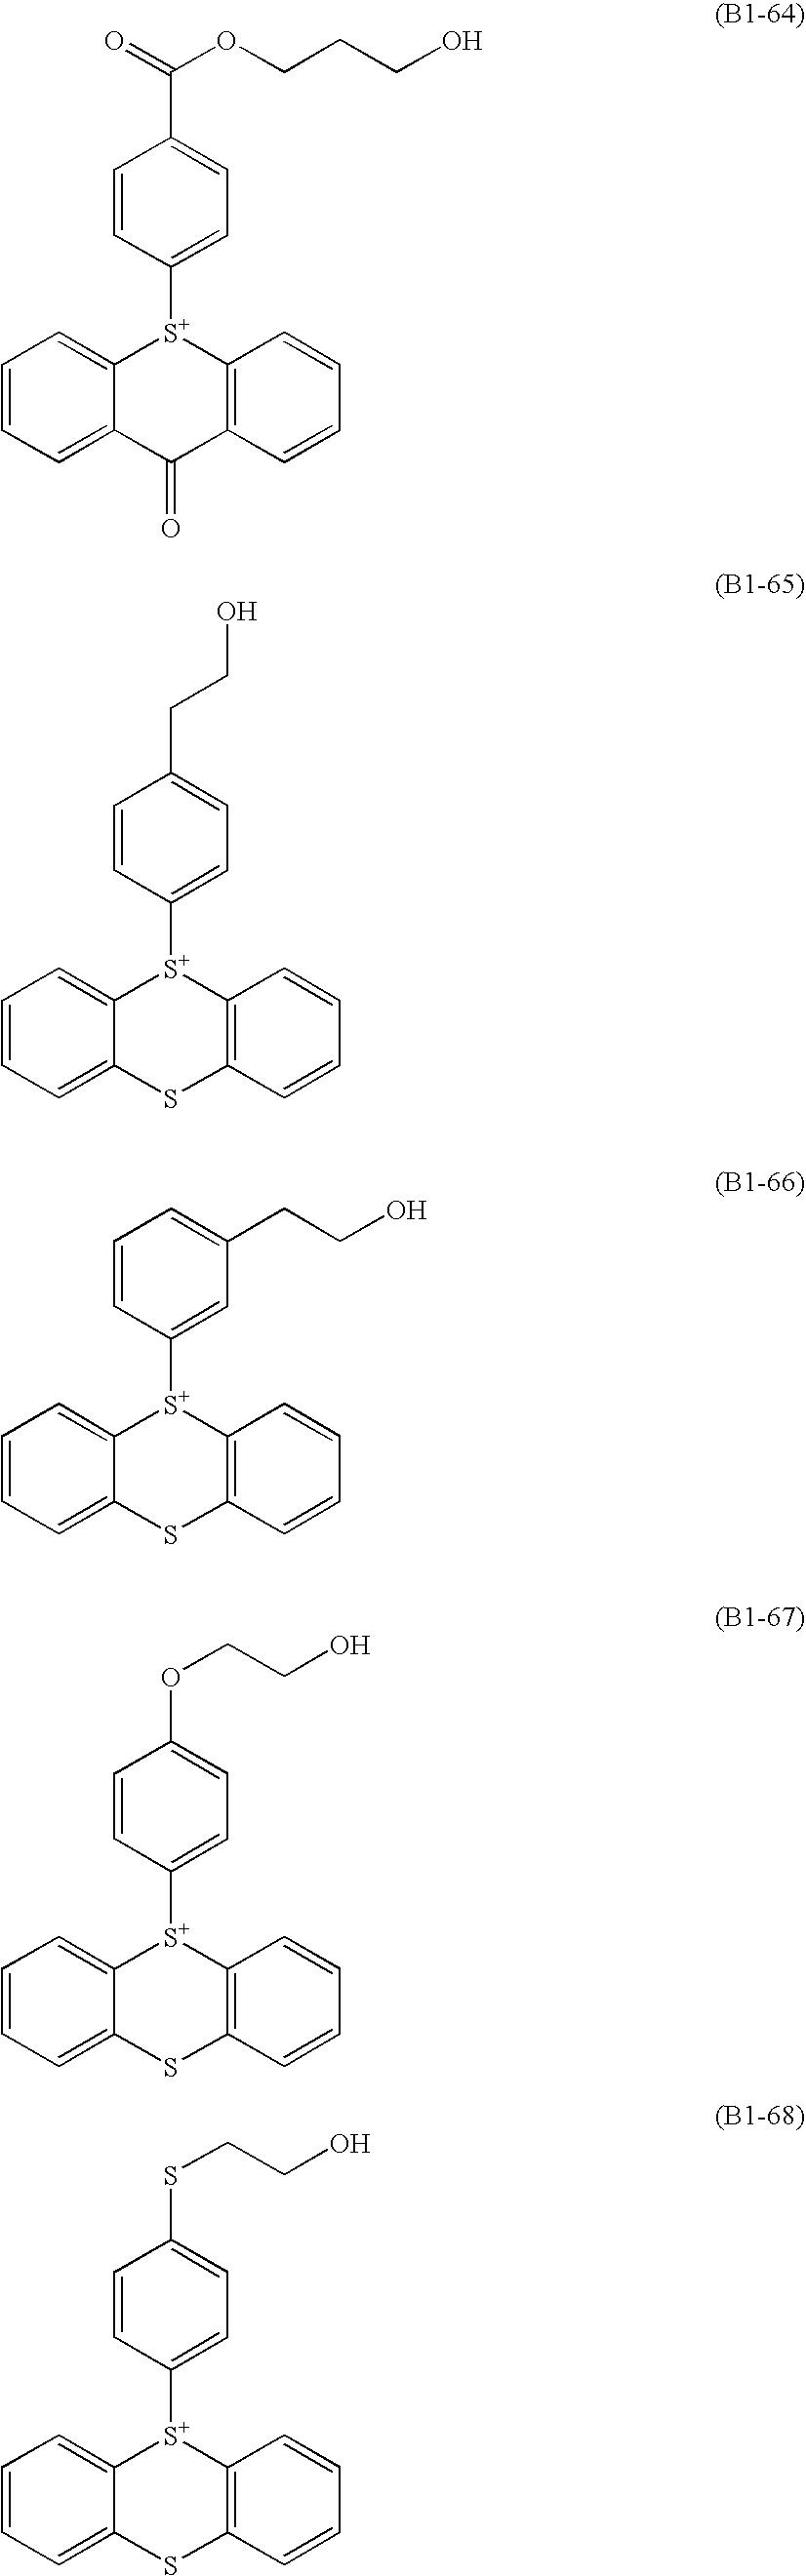 Figure US08852845-20141007-C00023